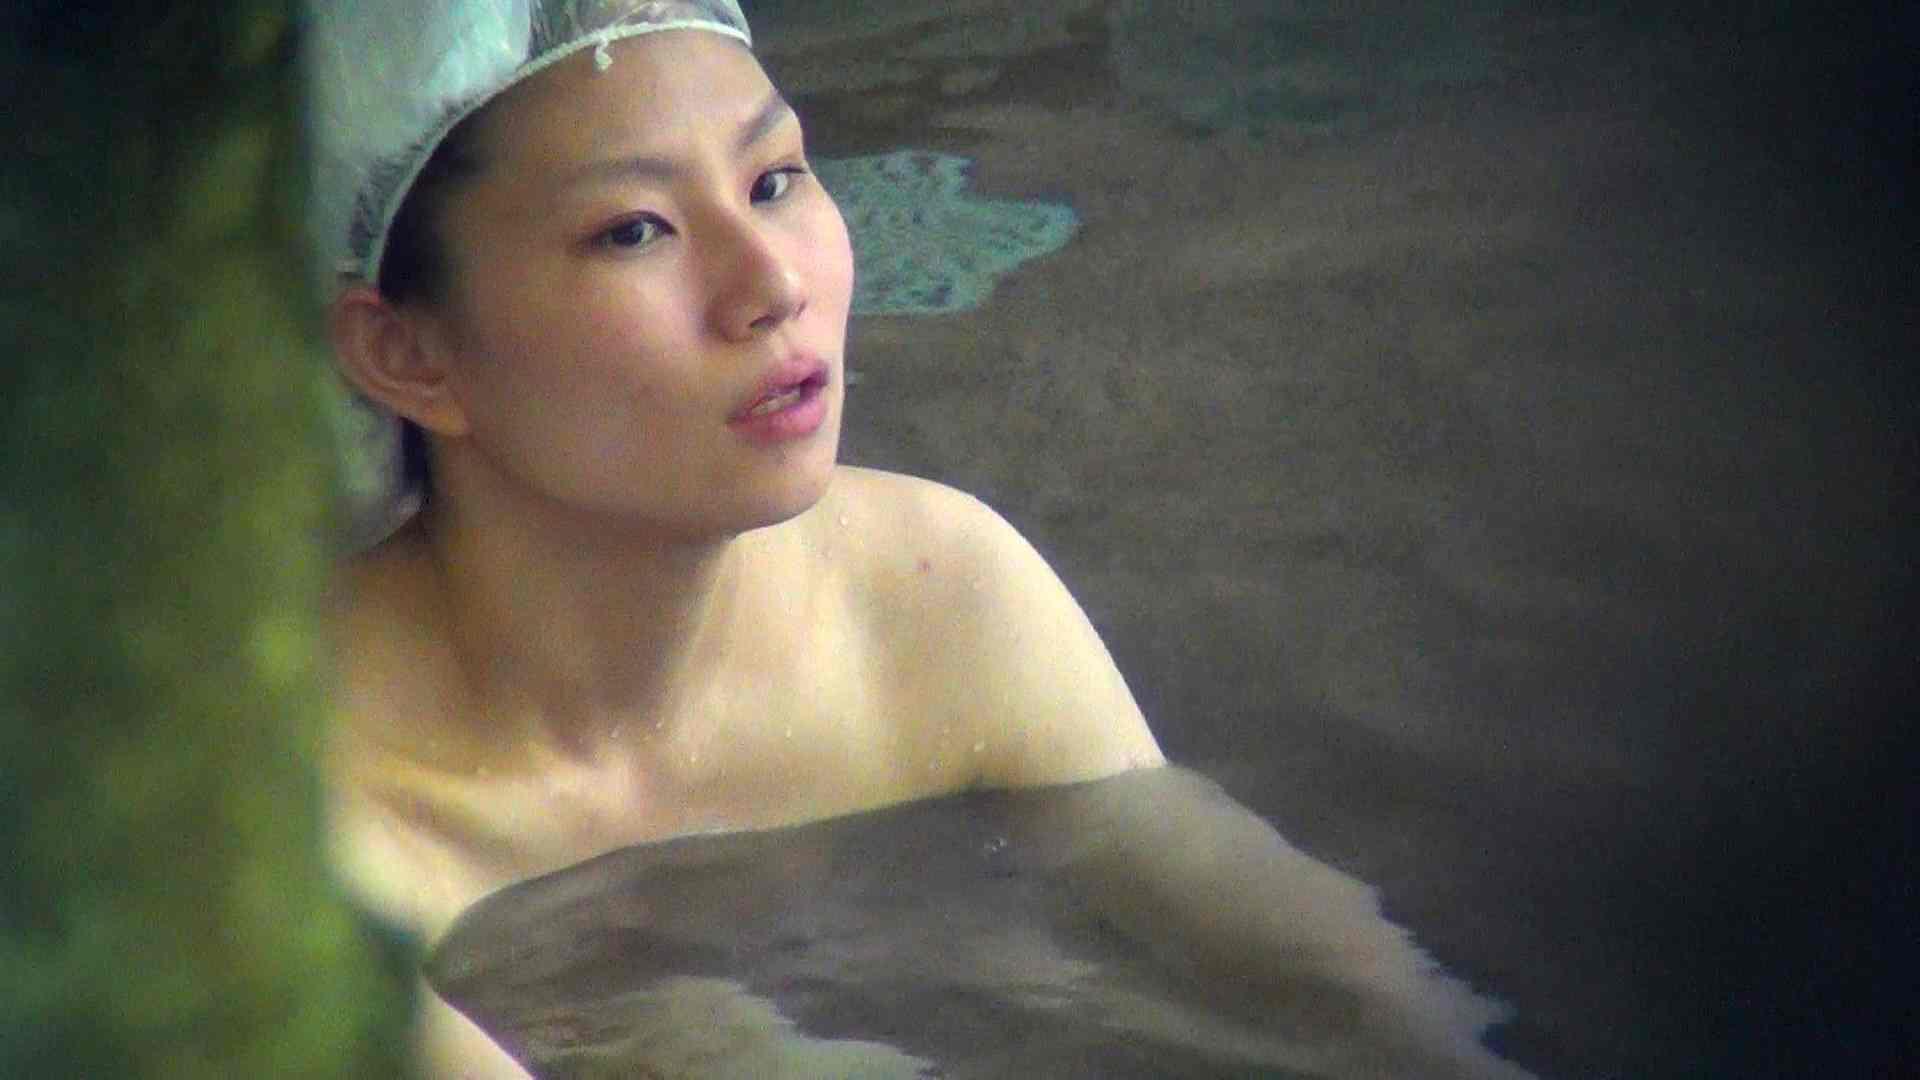 Vol.43 ヘアキャップをしても美しい中性的美女simai 細身女性 おめこ無修正画像 110画像 45